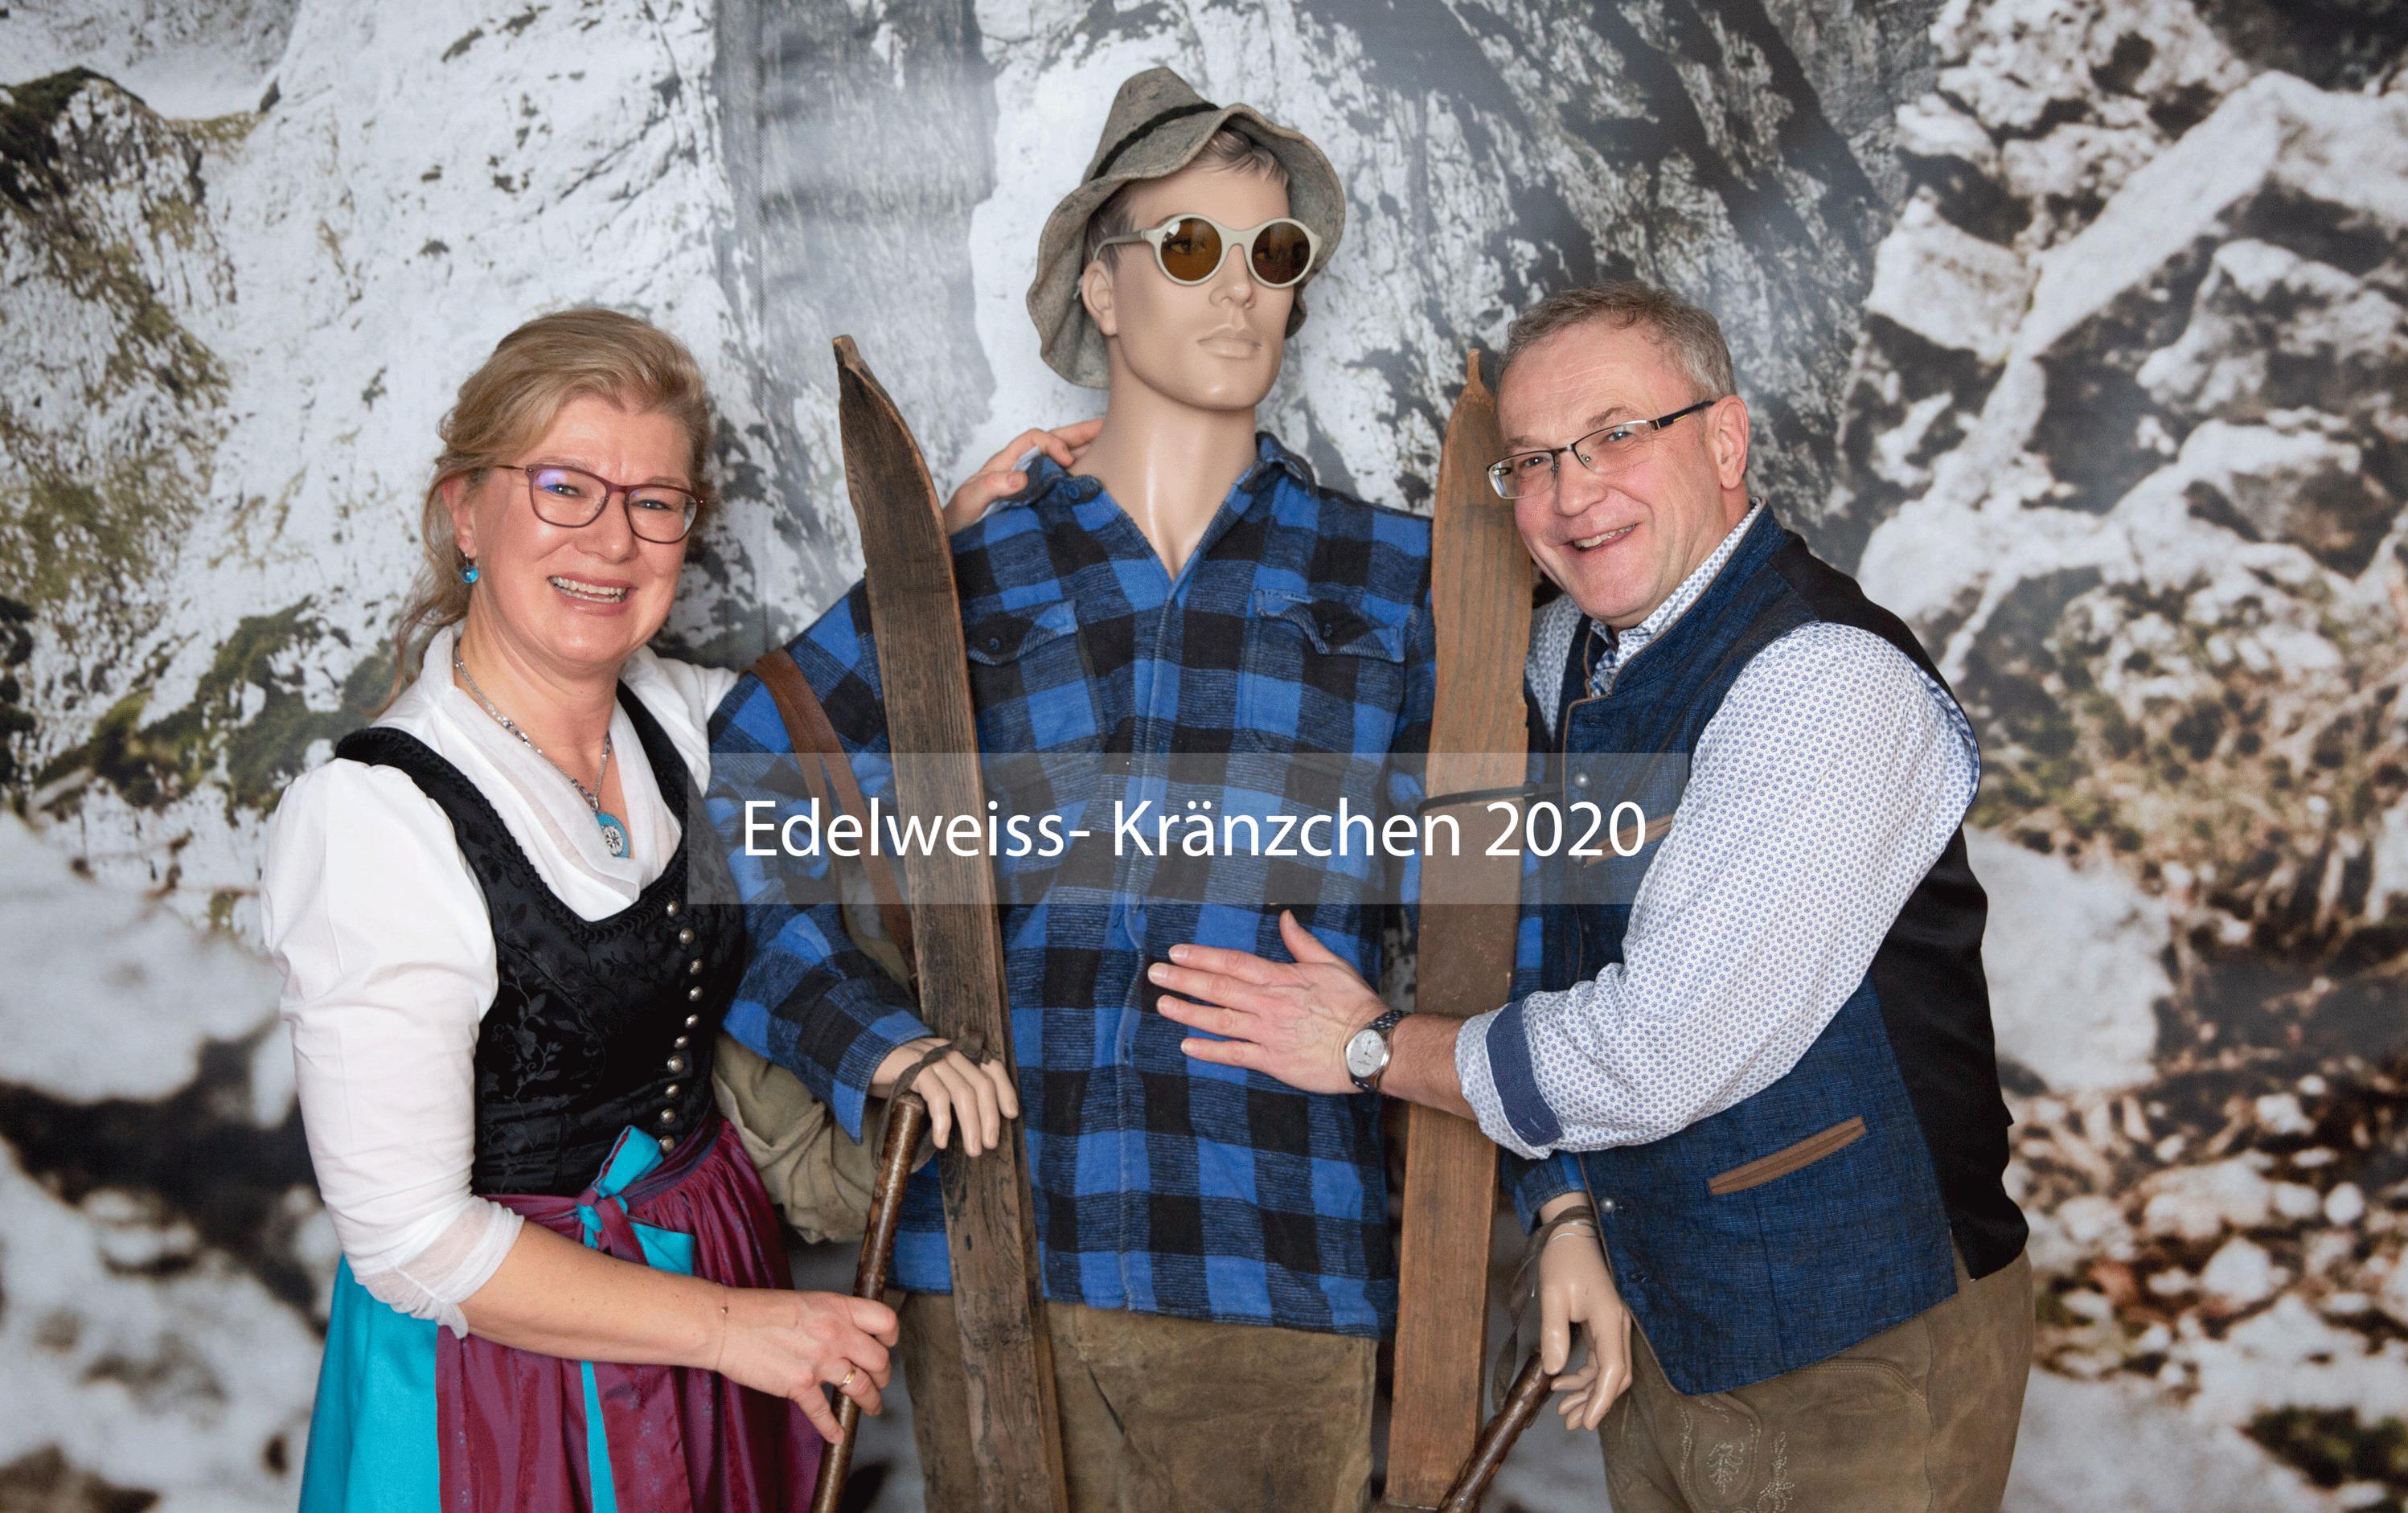 Edelweiss- Kränzchen 2020